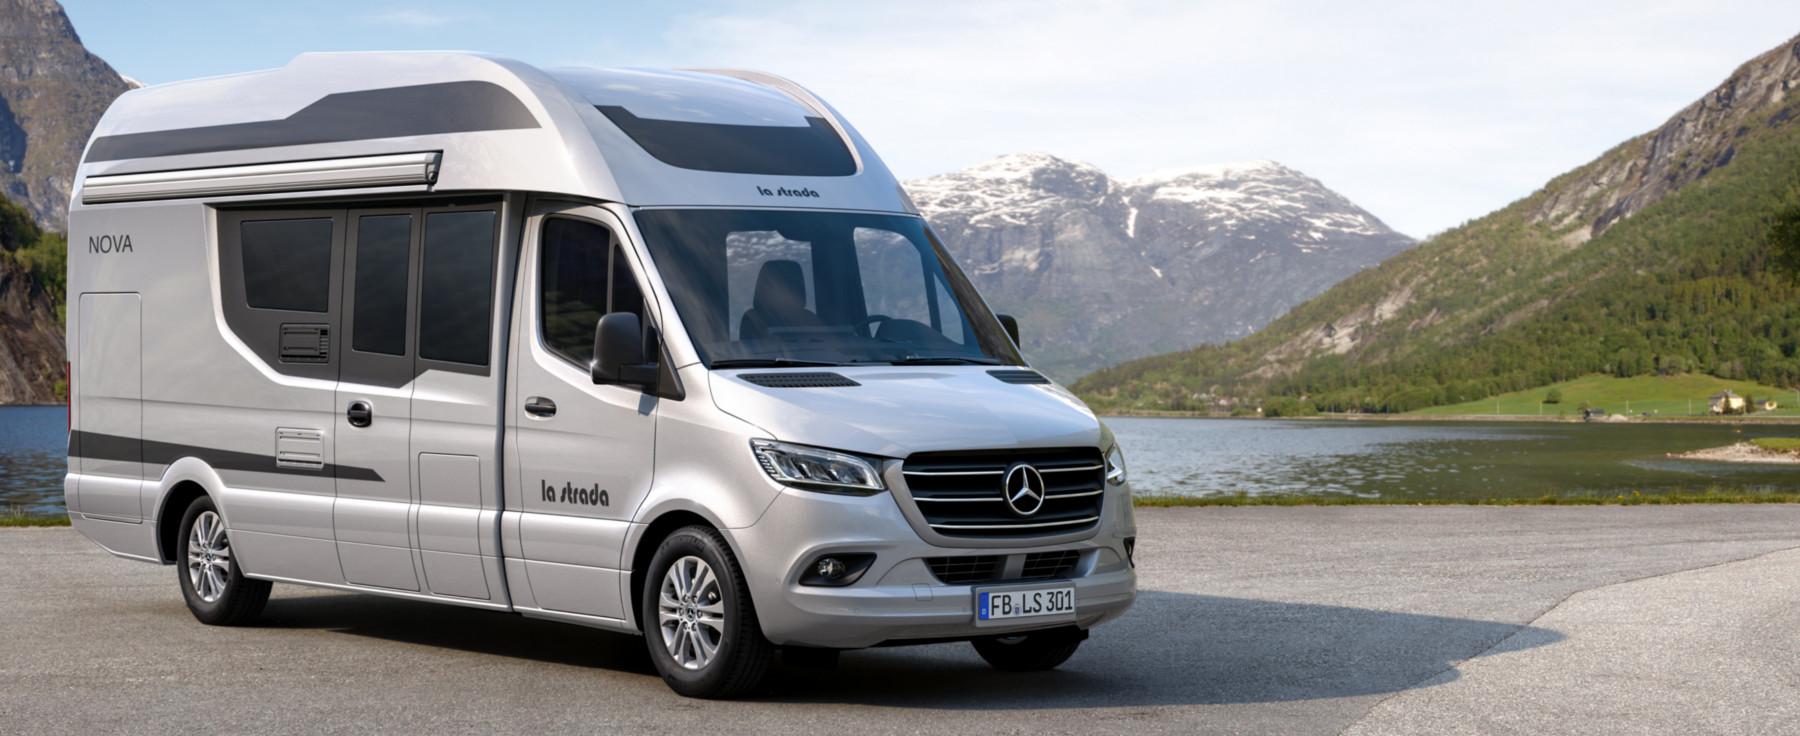 Käser Camping – Der Wohnmobil-Profi: Verkauf, Vermietung, Reparatur